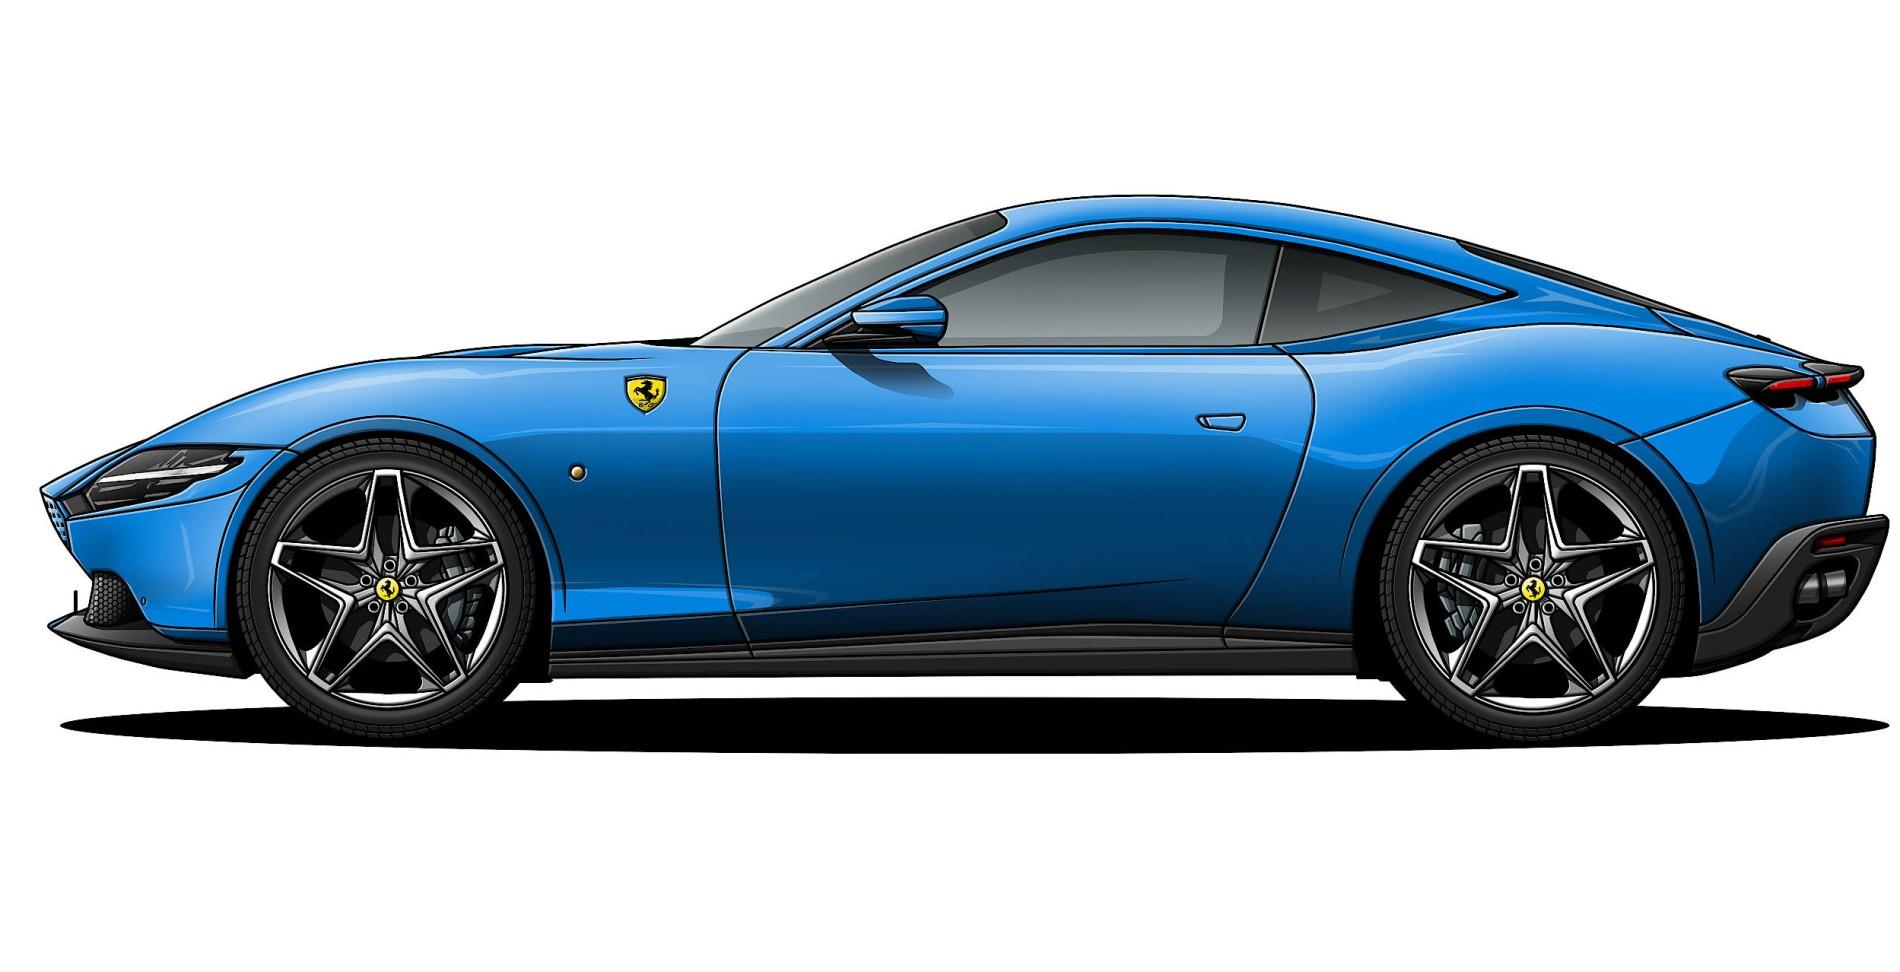 Ferrari Roma Ein Eleganter Gt Mit Beachtlichen Inneren Werten